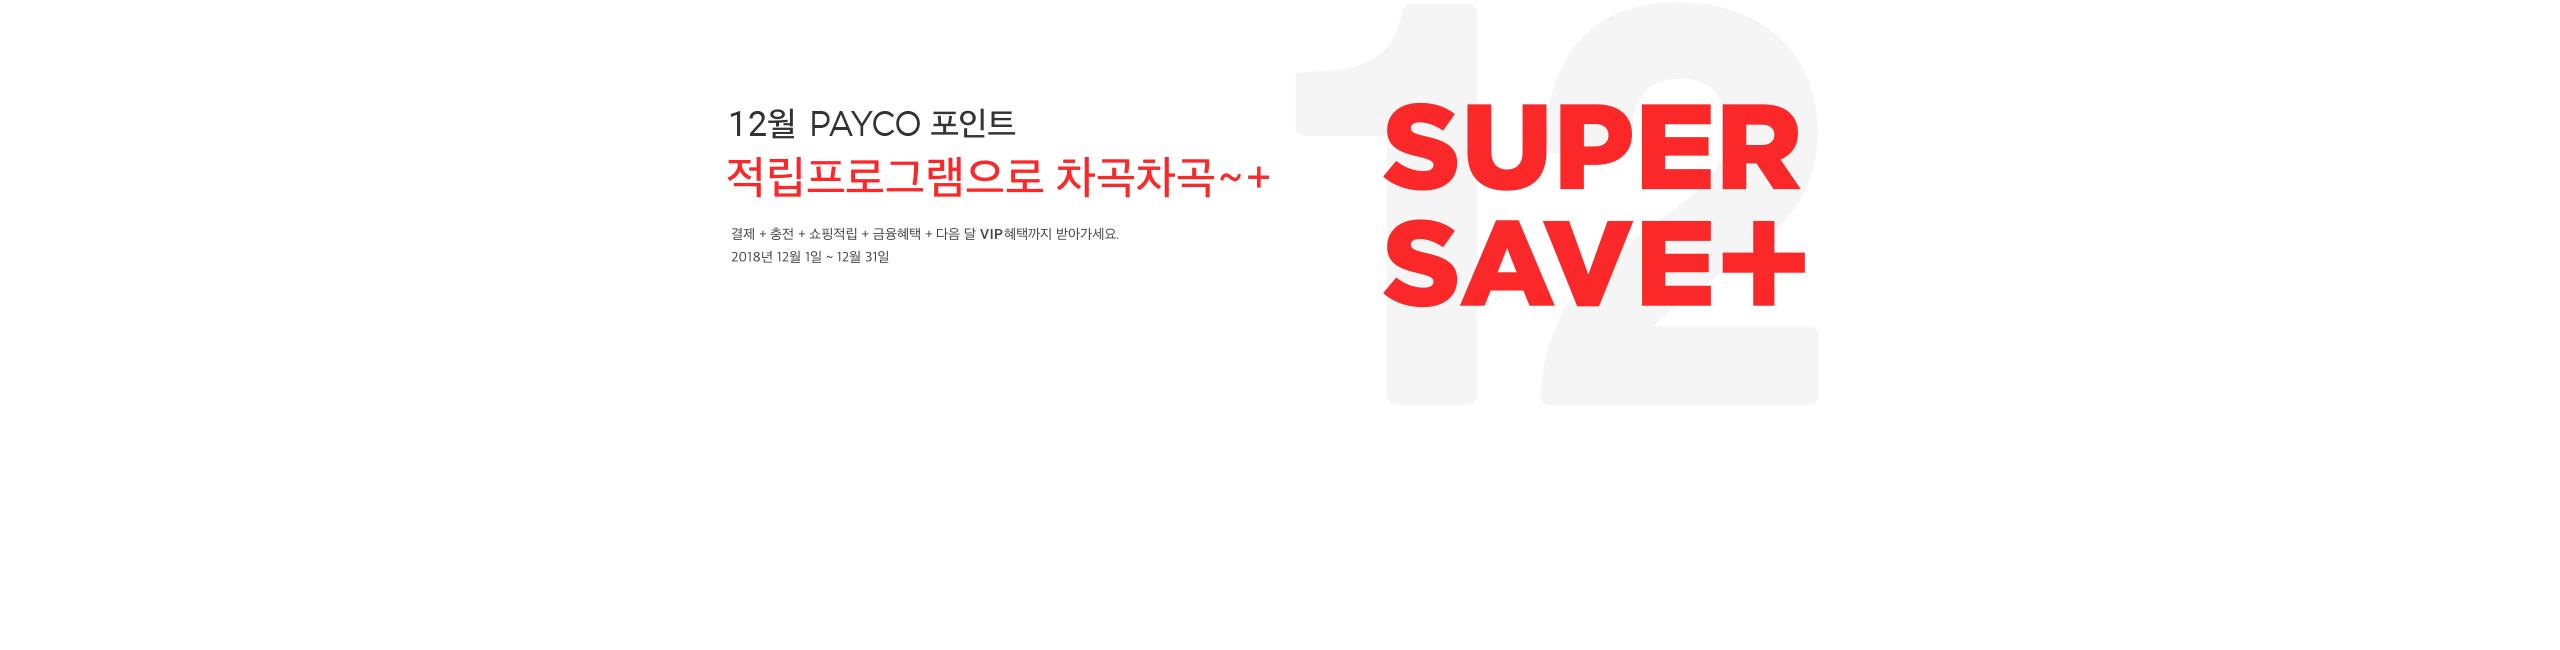 12월 PAYCO SUPER SAVE+